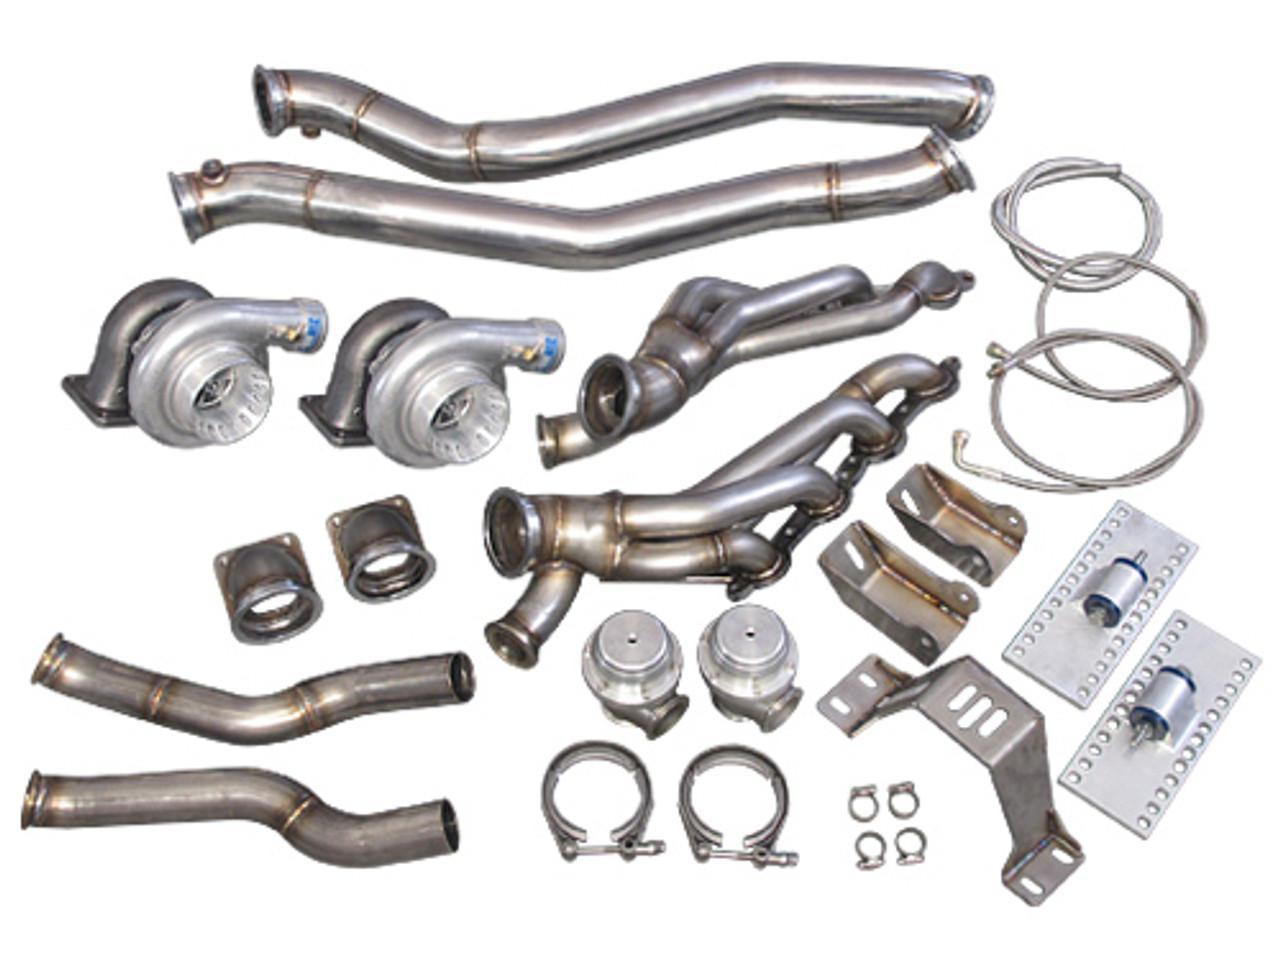 Toyota Supra MKIII LS Twin Turbo Kit/LS Swap Kit